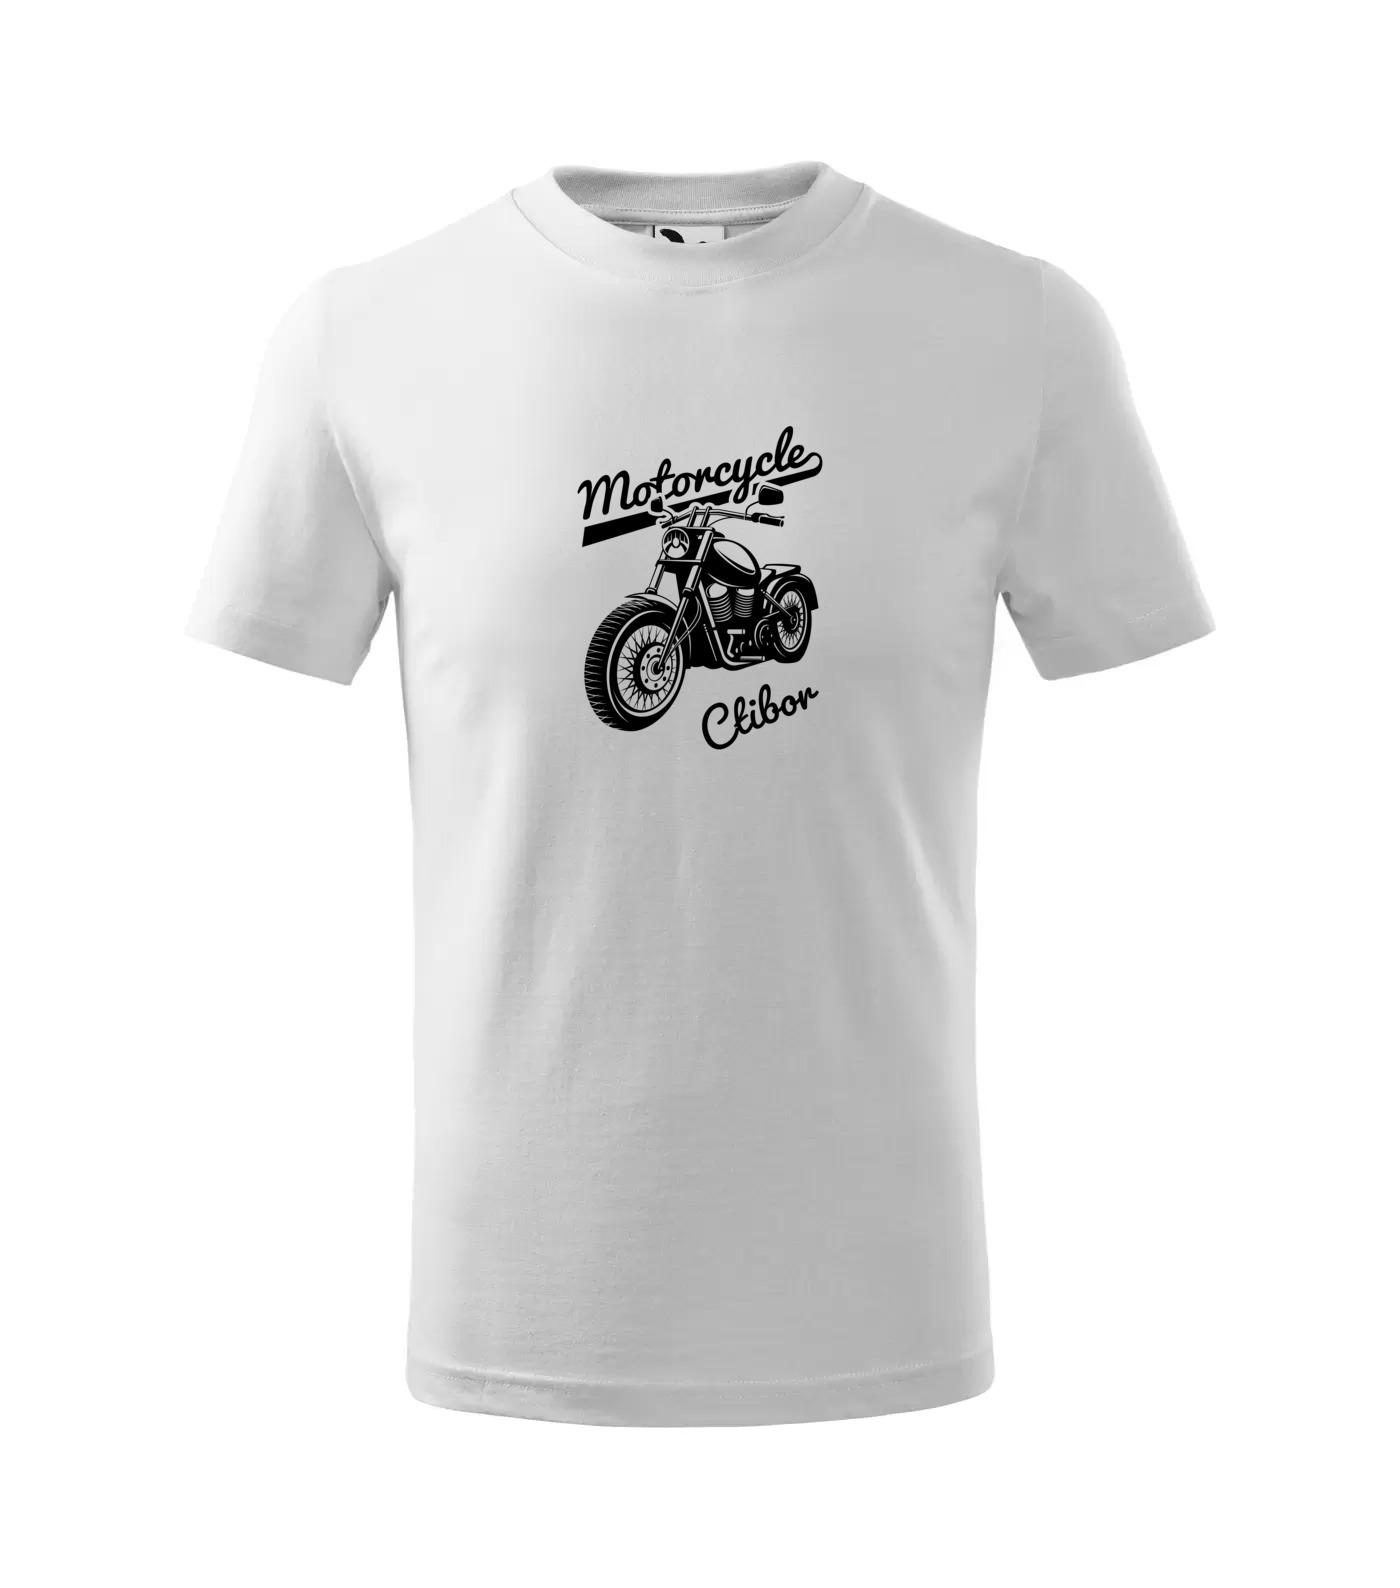 Tričko Motorkář Inverse Ctibor